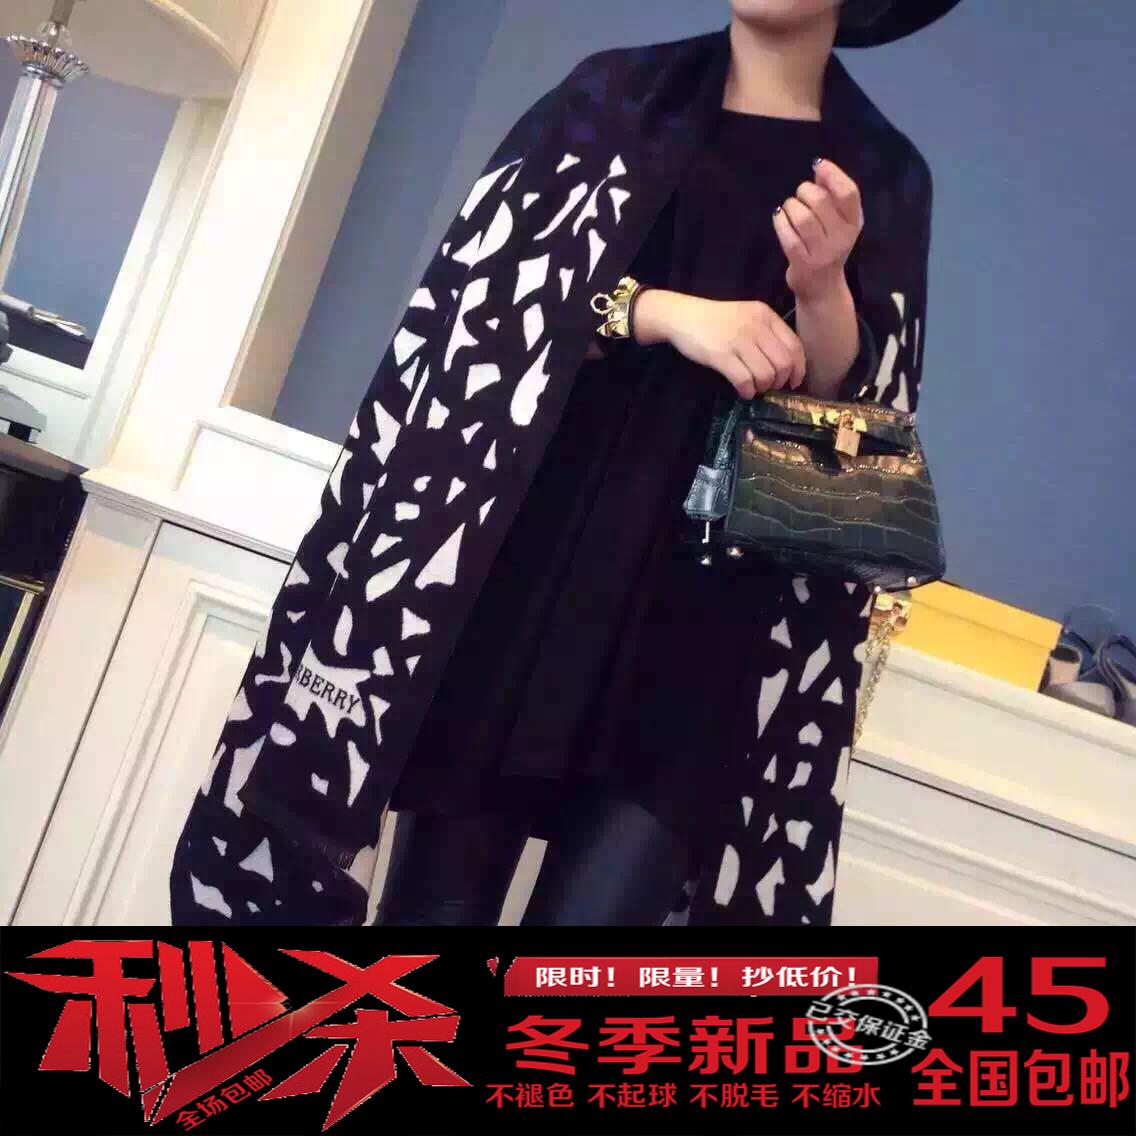 Европа и большой осенью и зимой кашемировый шарф женщин ретро леопарда печати кашемира шаль двойного супер длинный теплый мягкий